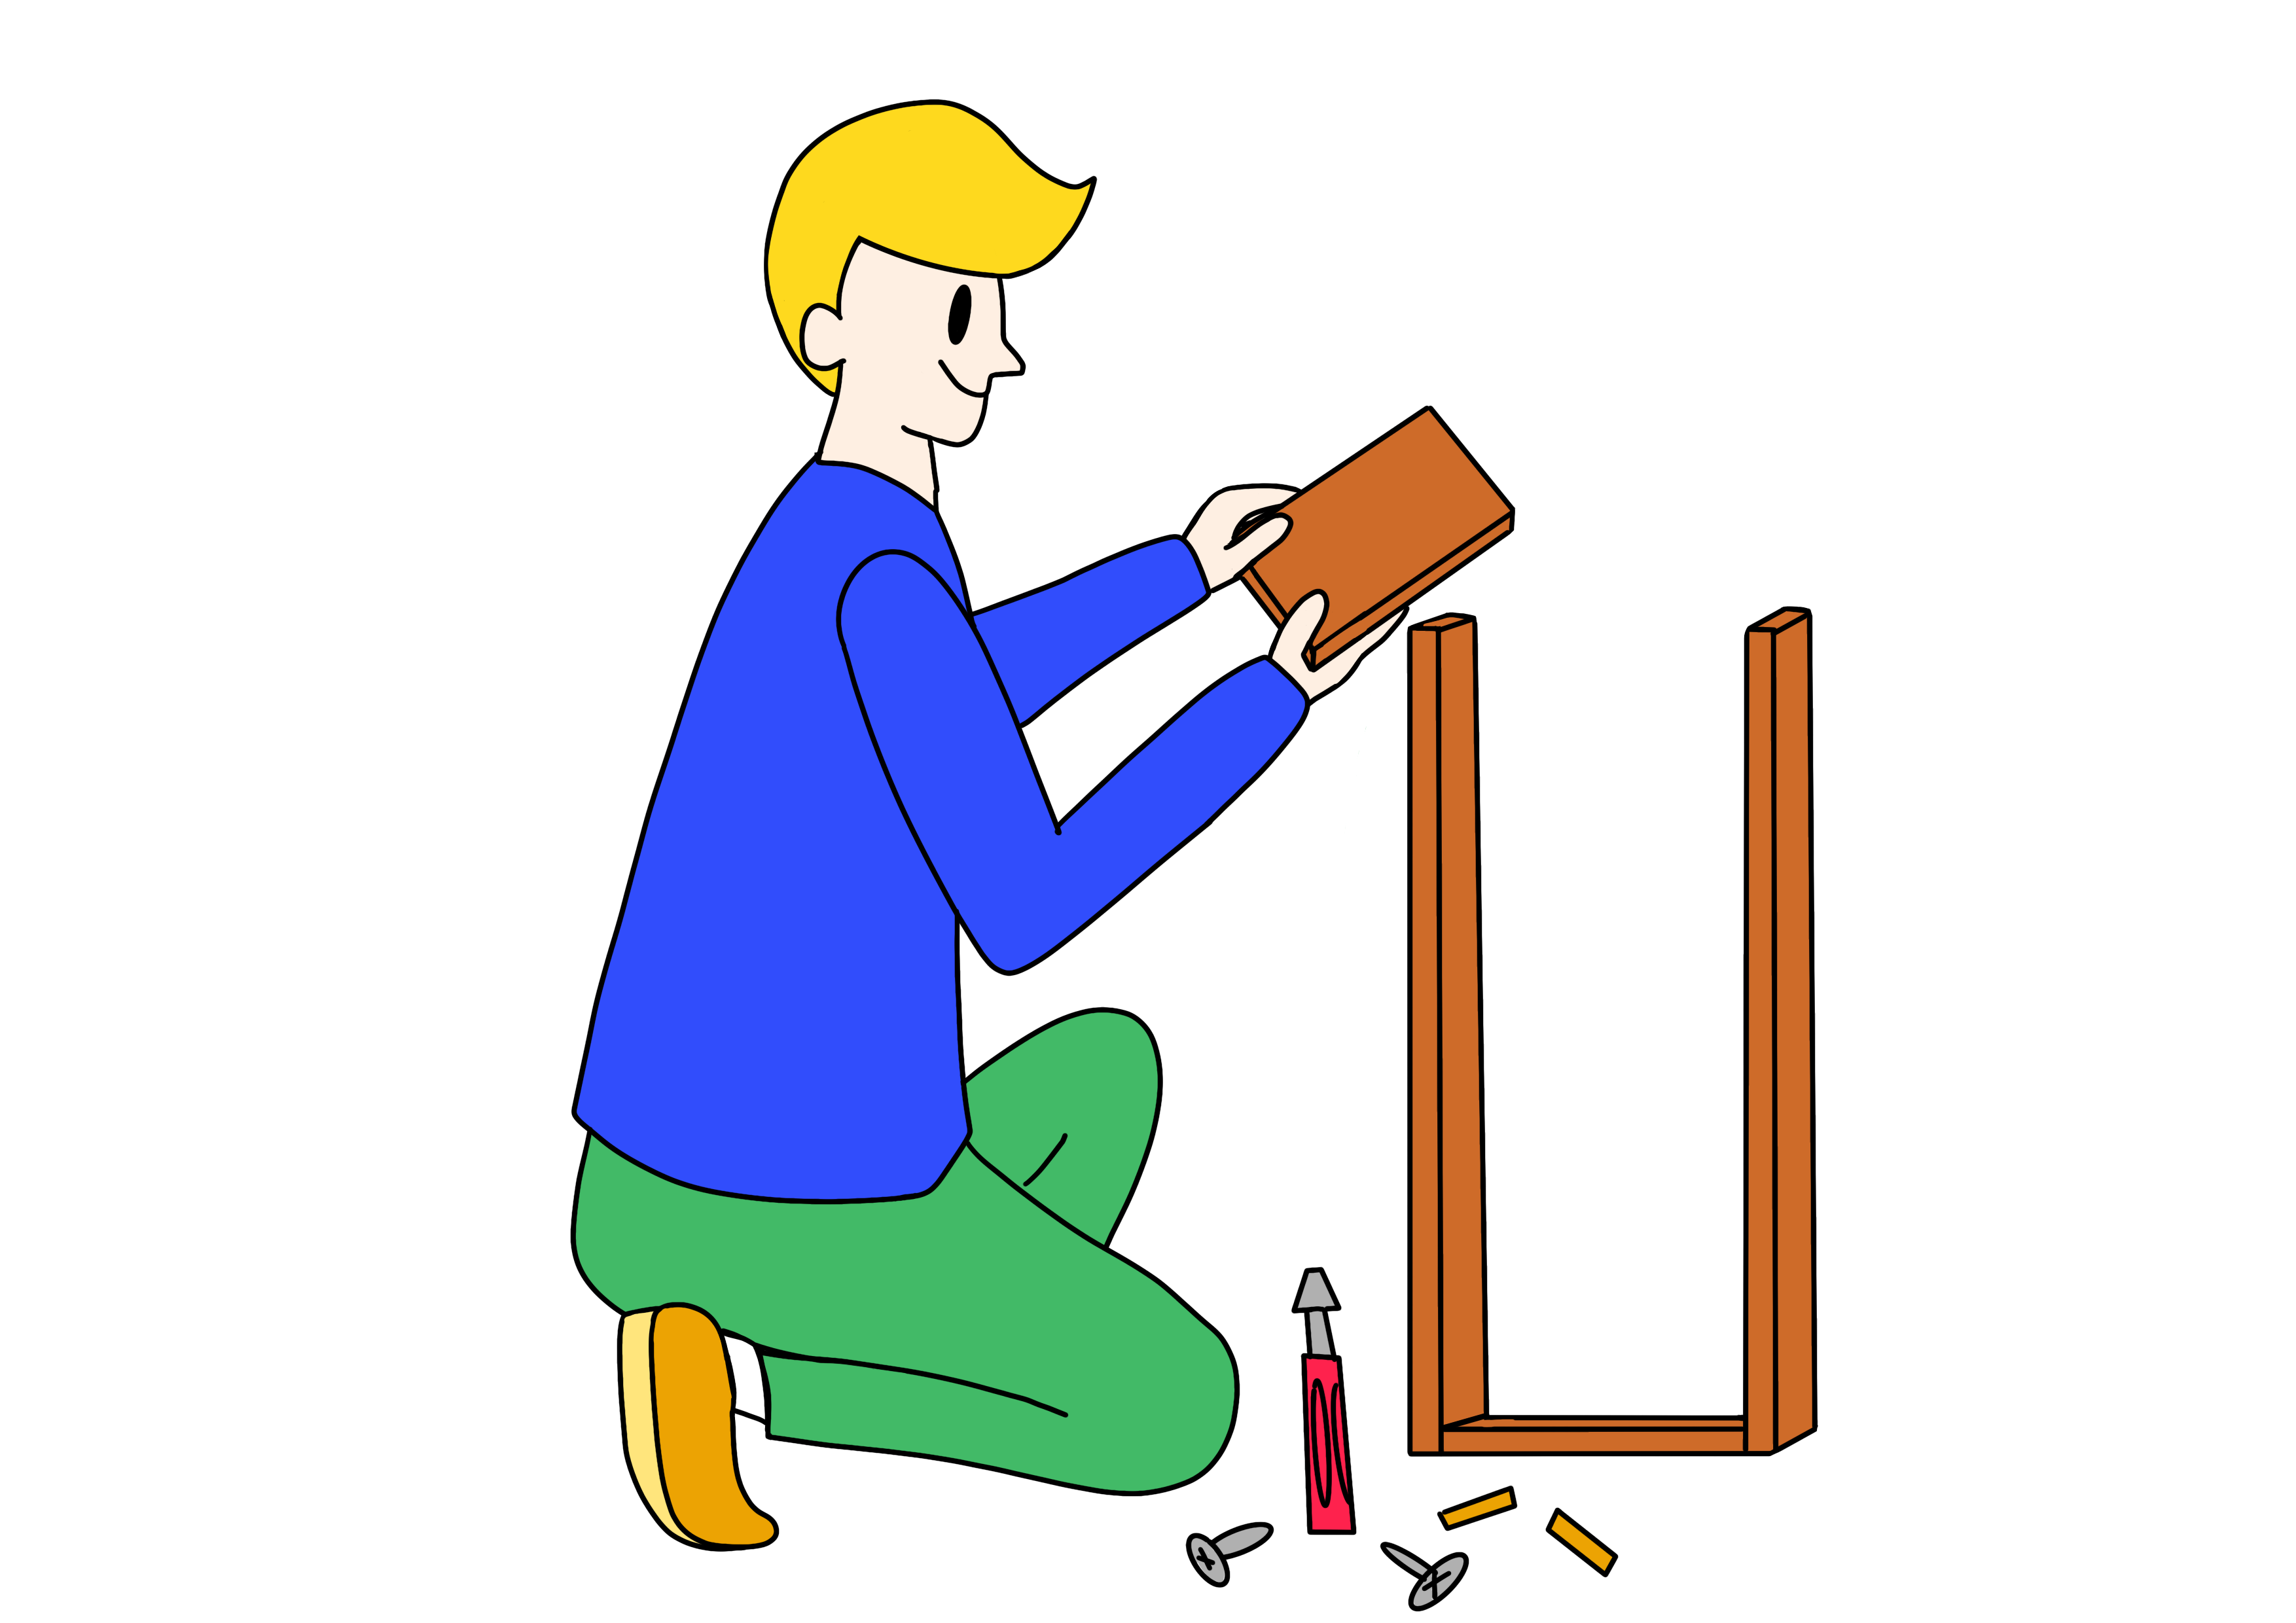 34課イラスト【棚を組み立てる】